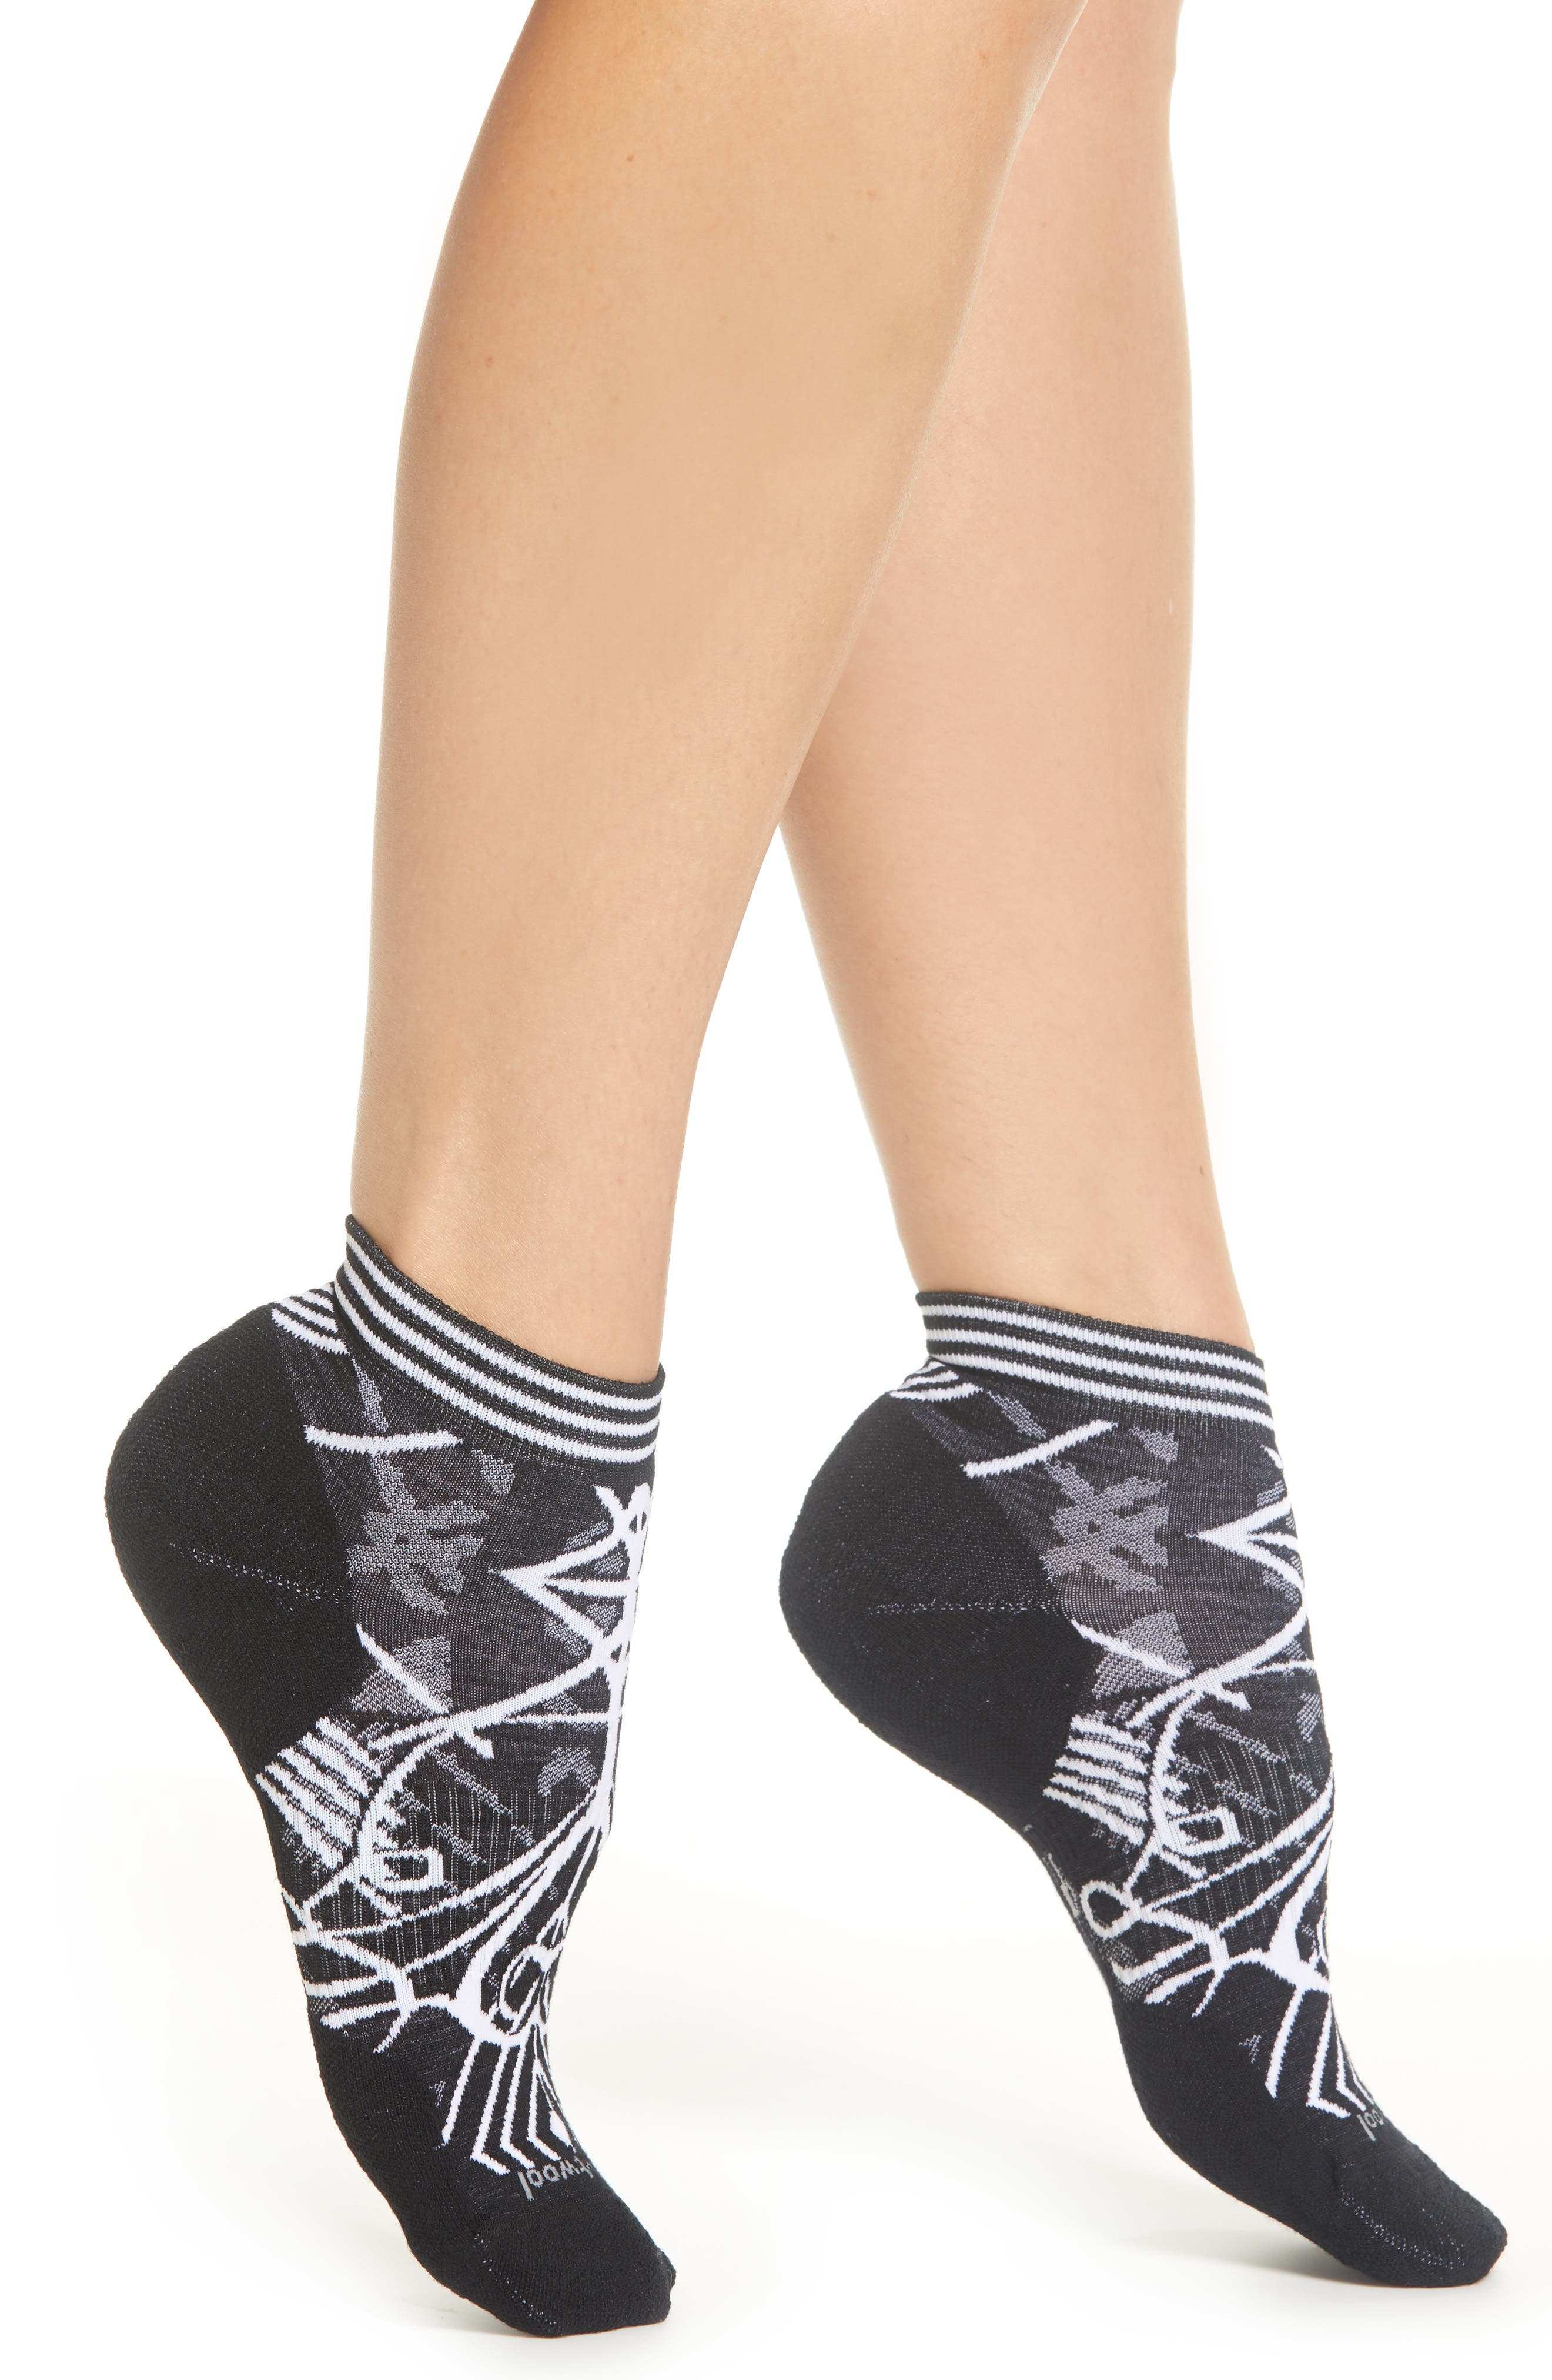 Skyline Mini Boot Socks,                             Main thumbnail 1, color,                             001